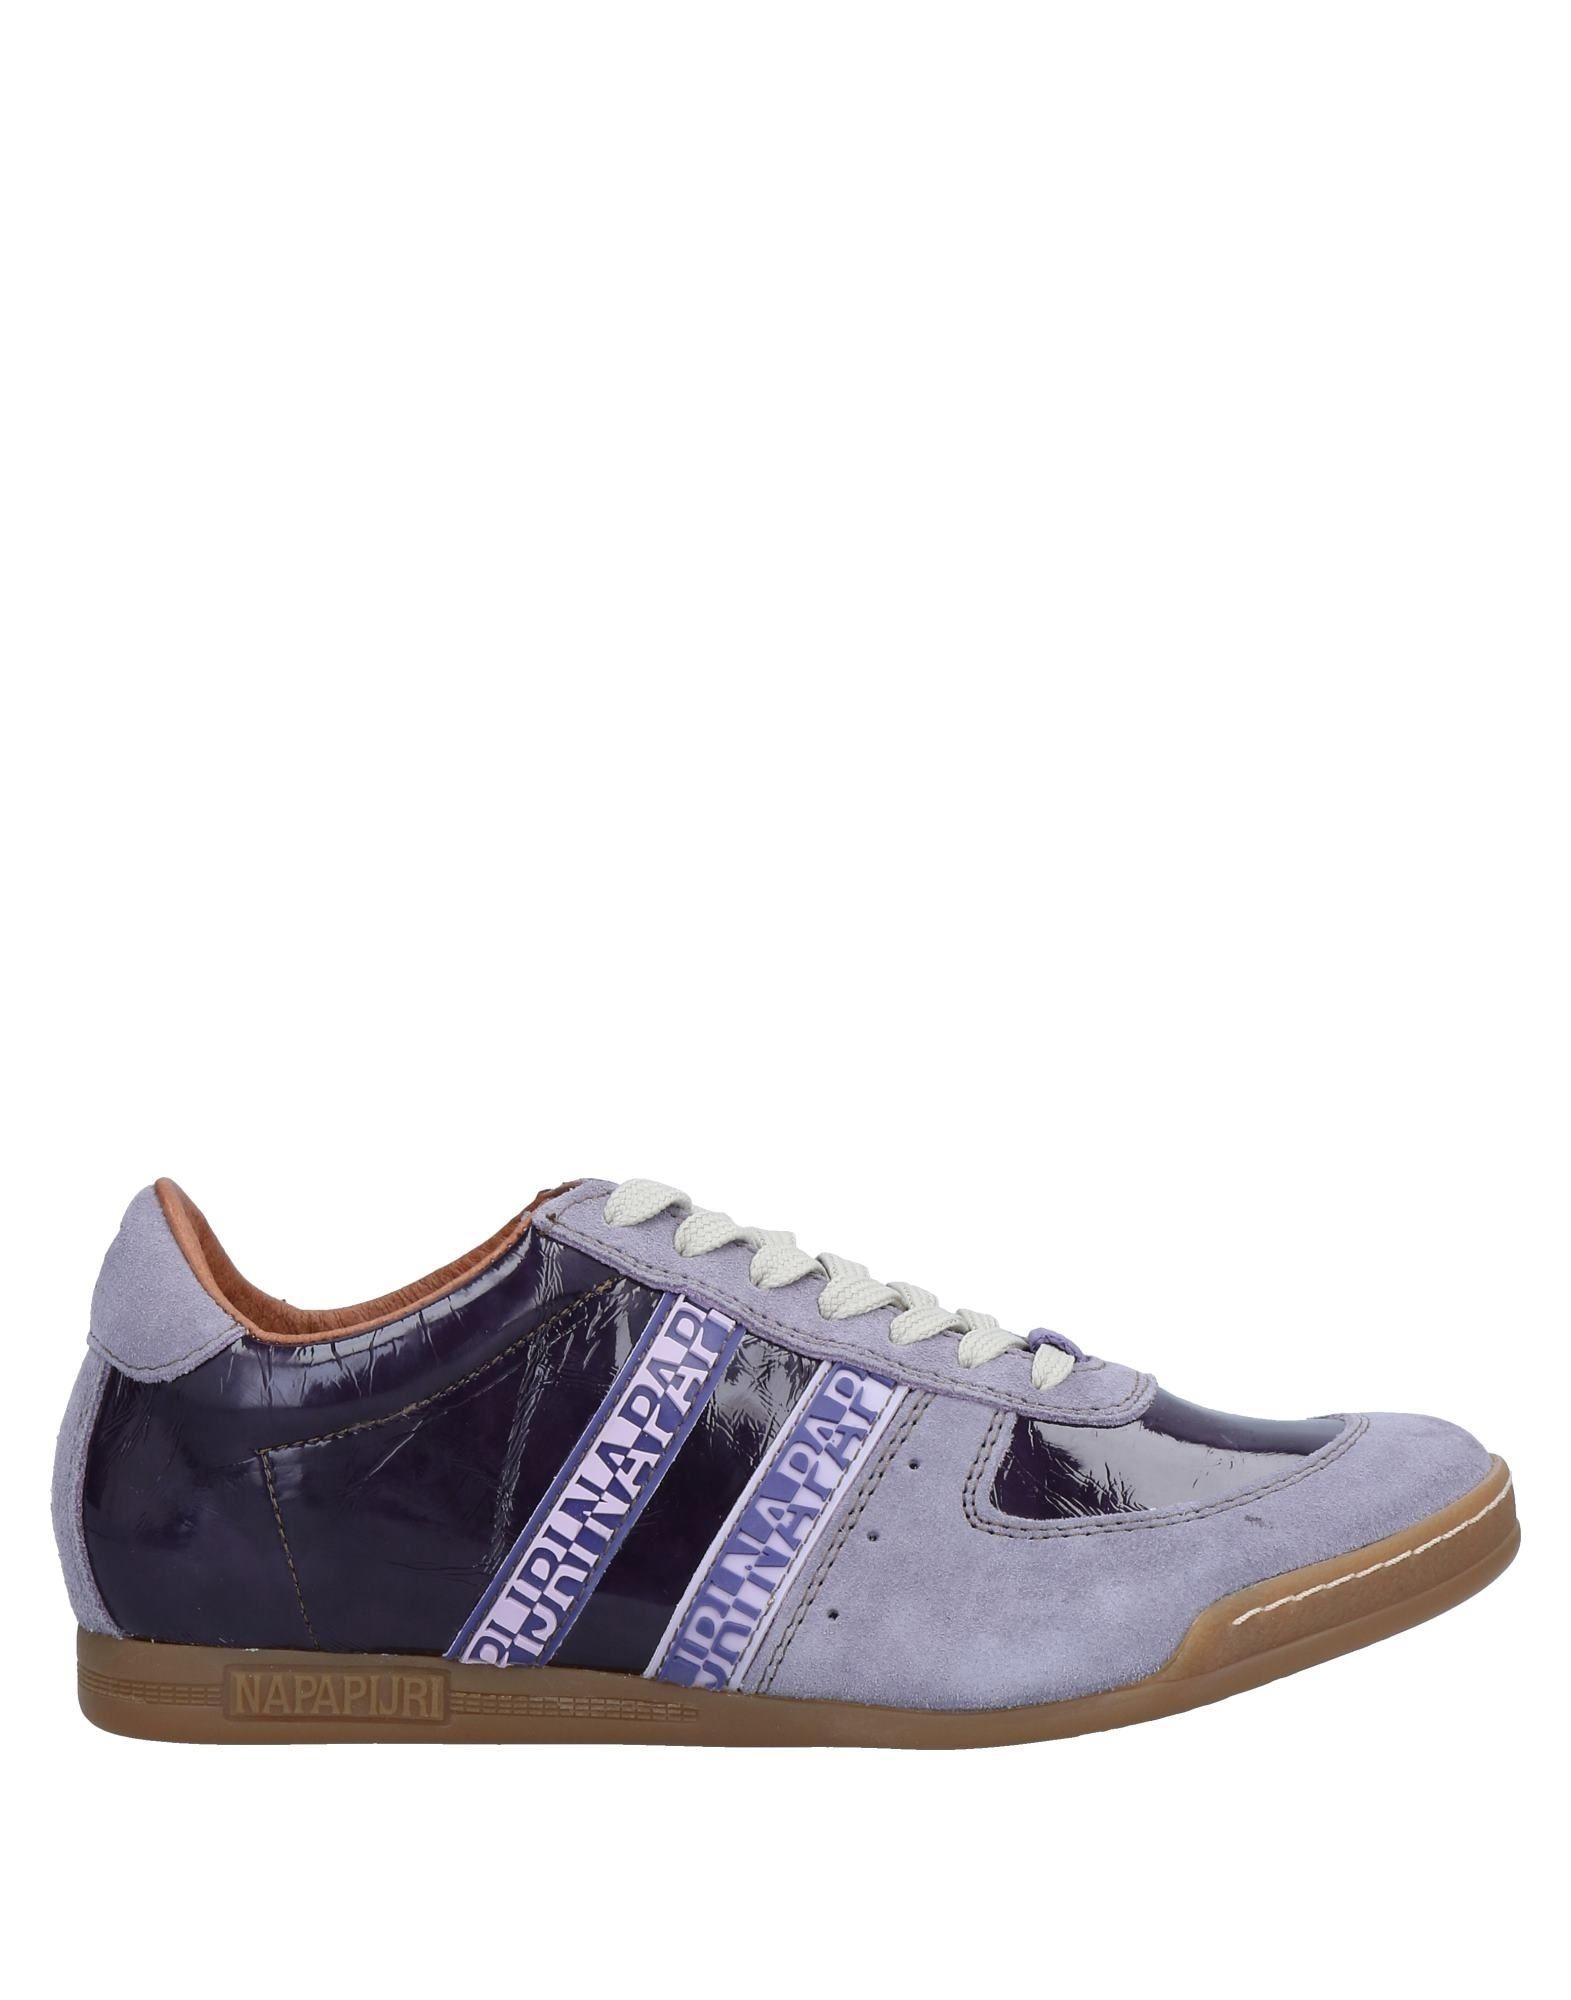 Napapijri Sneakers lohnt Damen Gutes Preis-Leistungs-Verhältnis, es lohnt Sneakers sich 2840 a2ec28